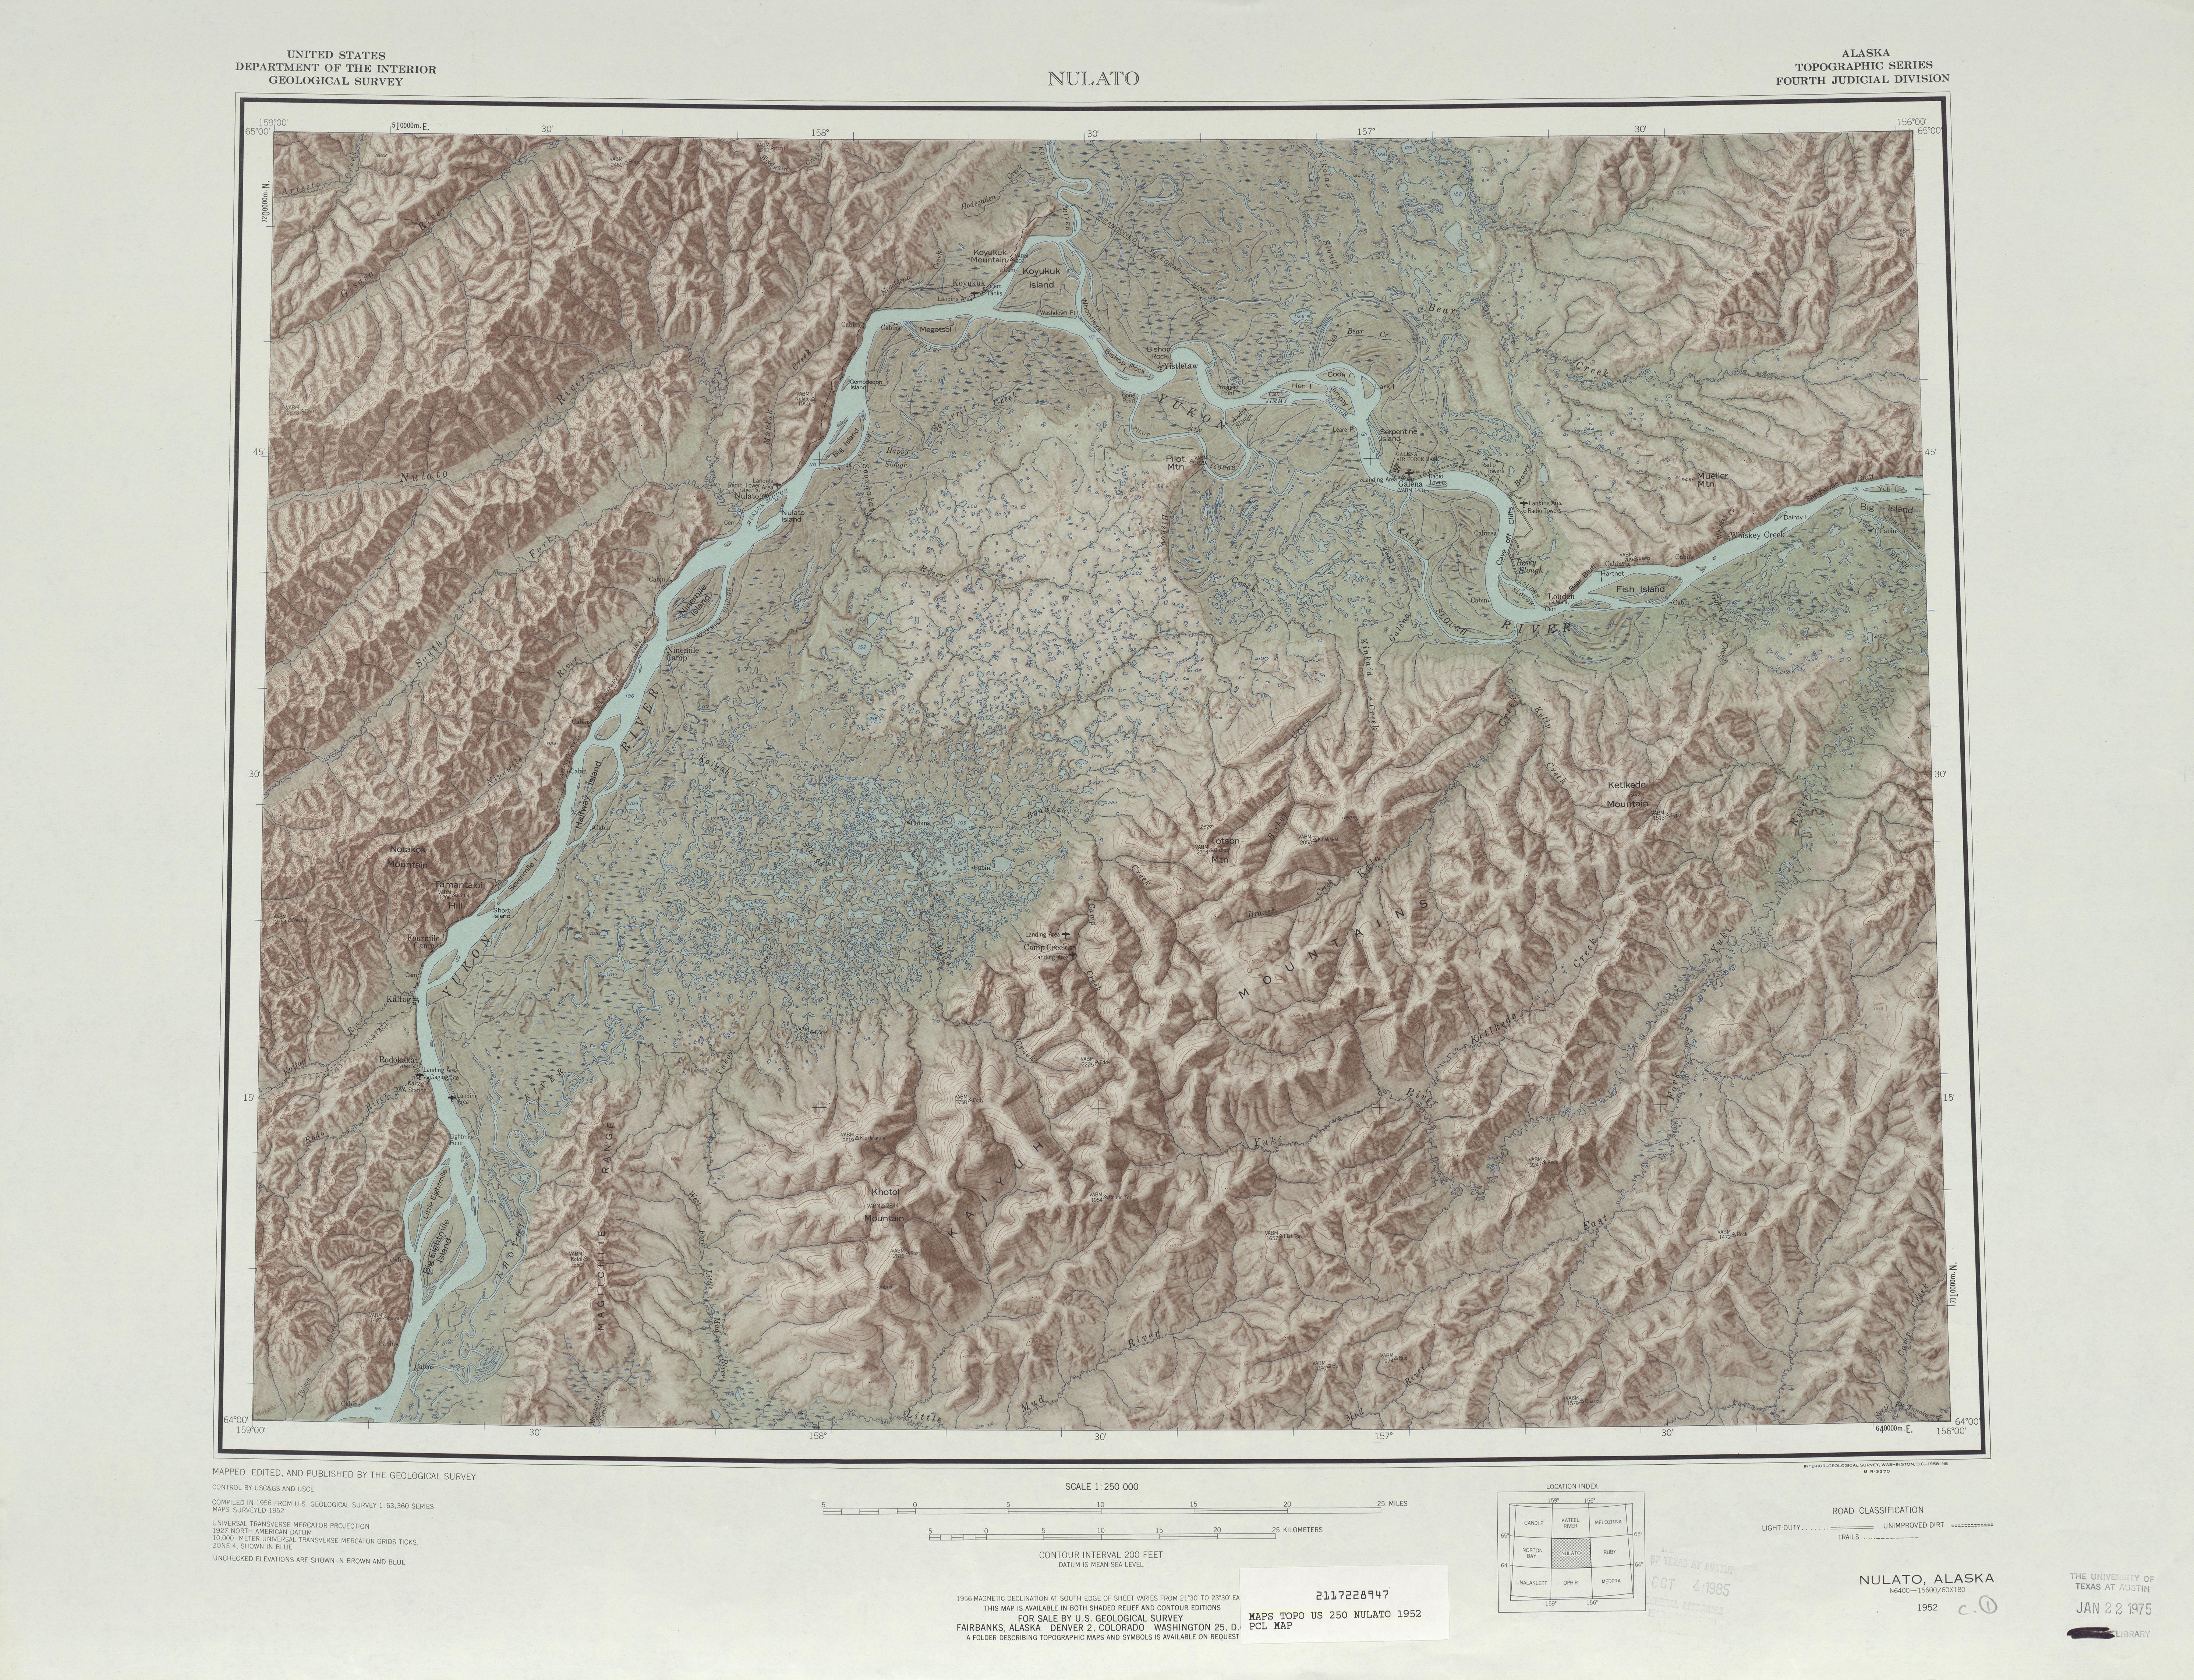 Hoja Nulato del Mapa Topográfico de los Estados Unidos 1952